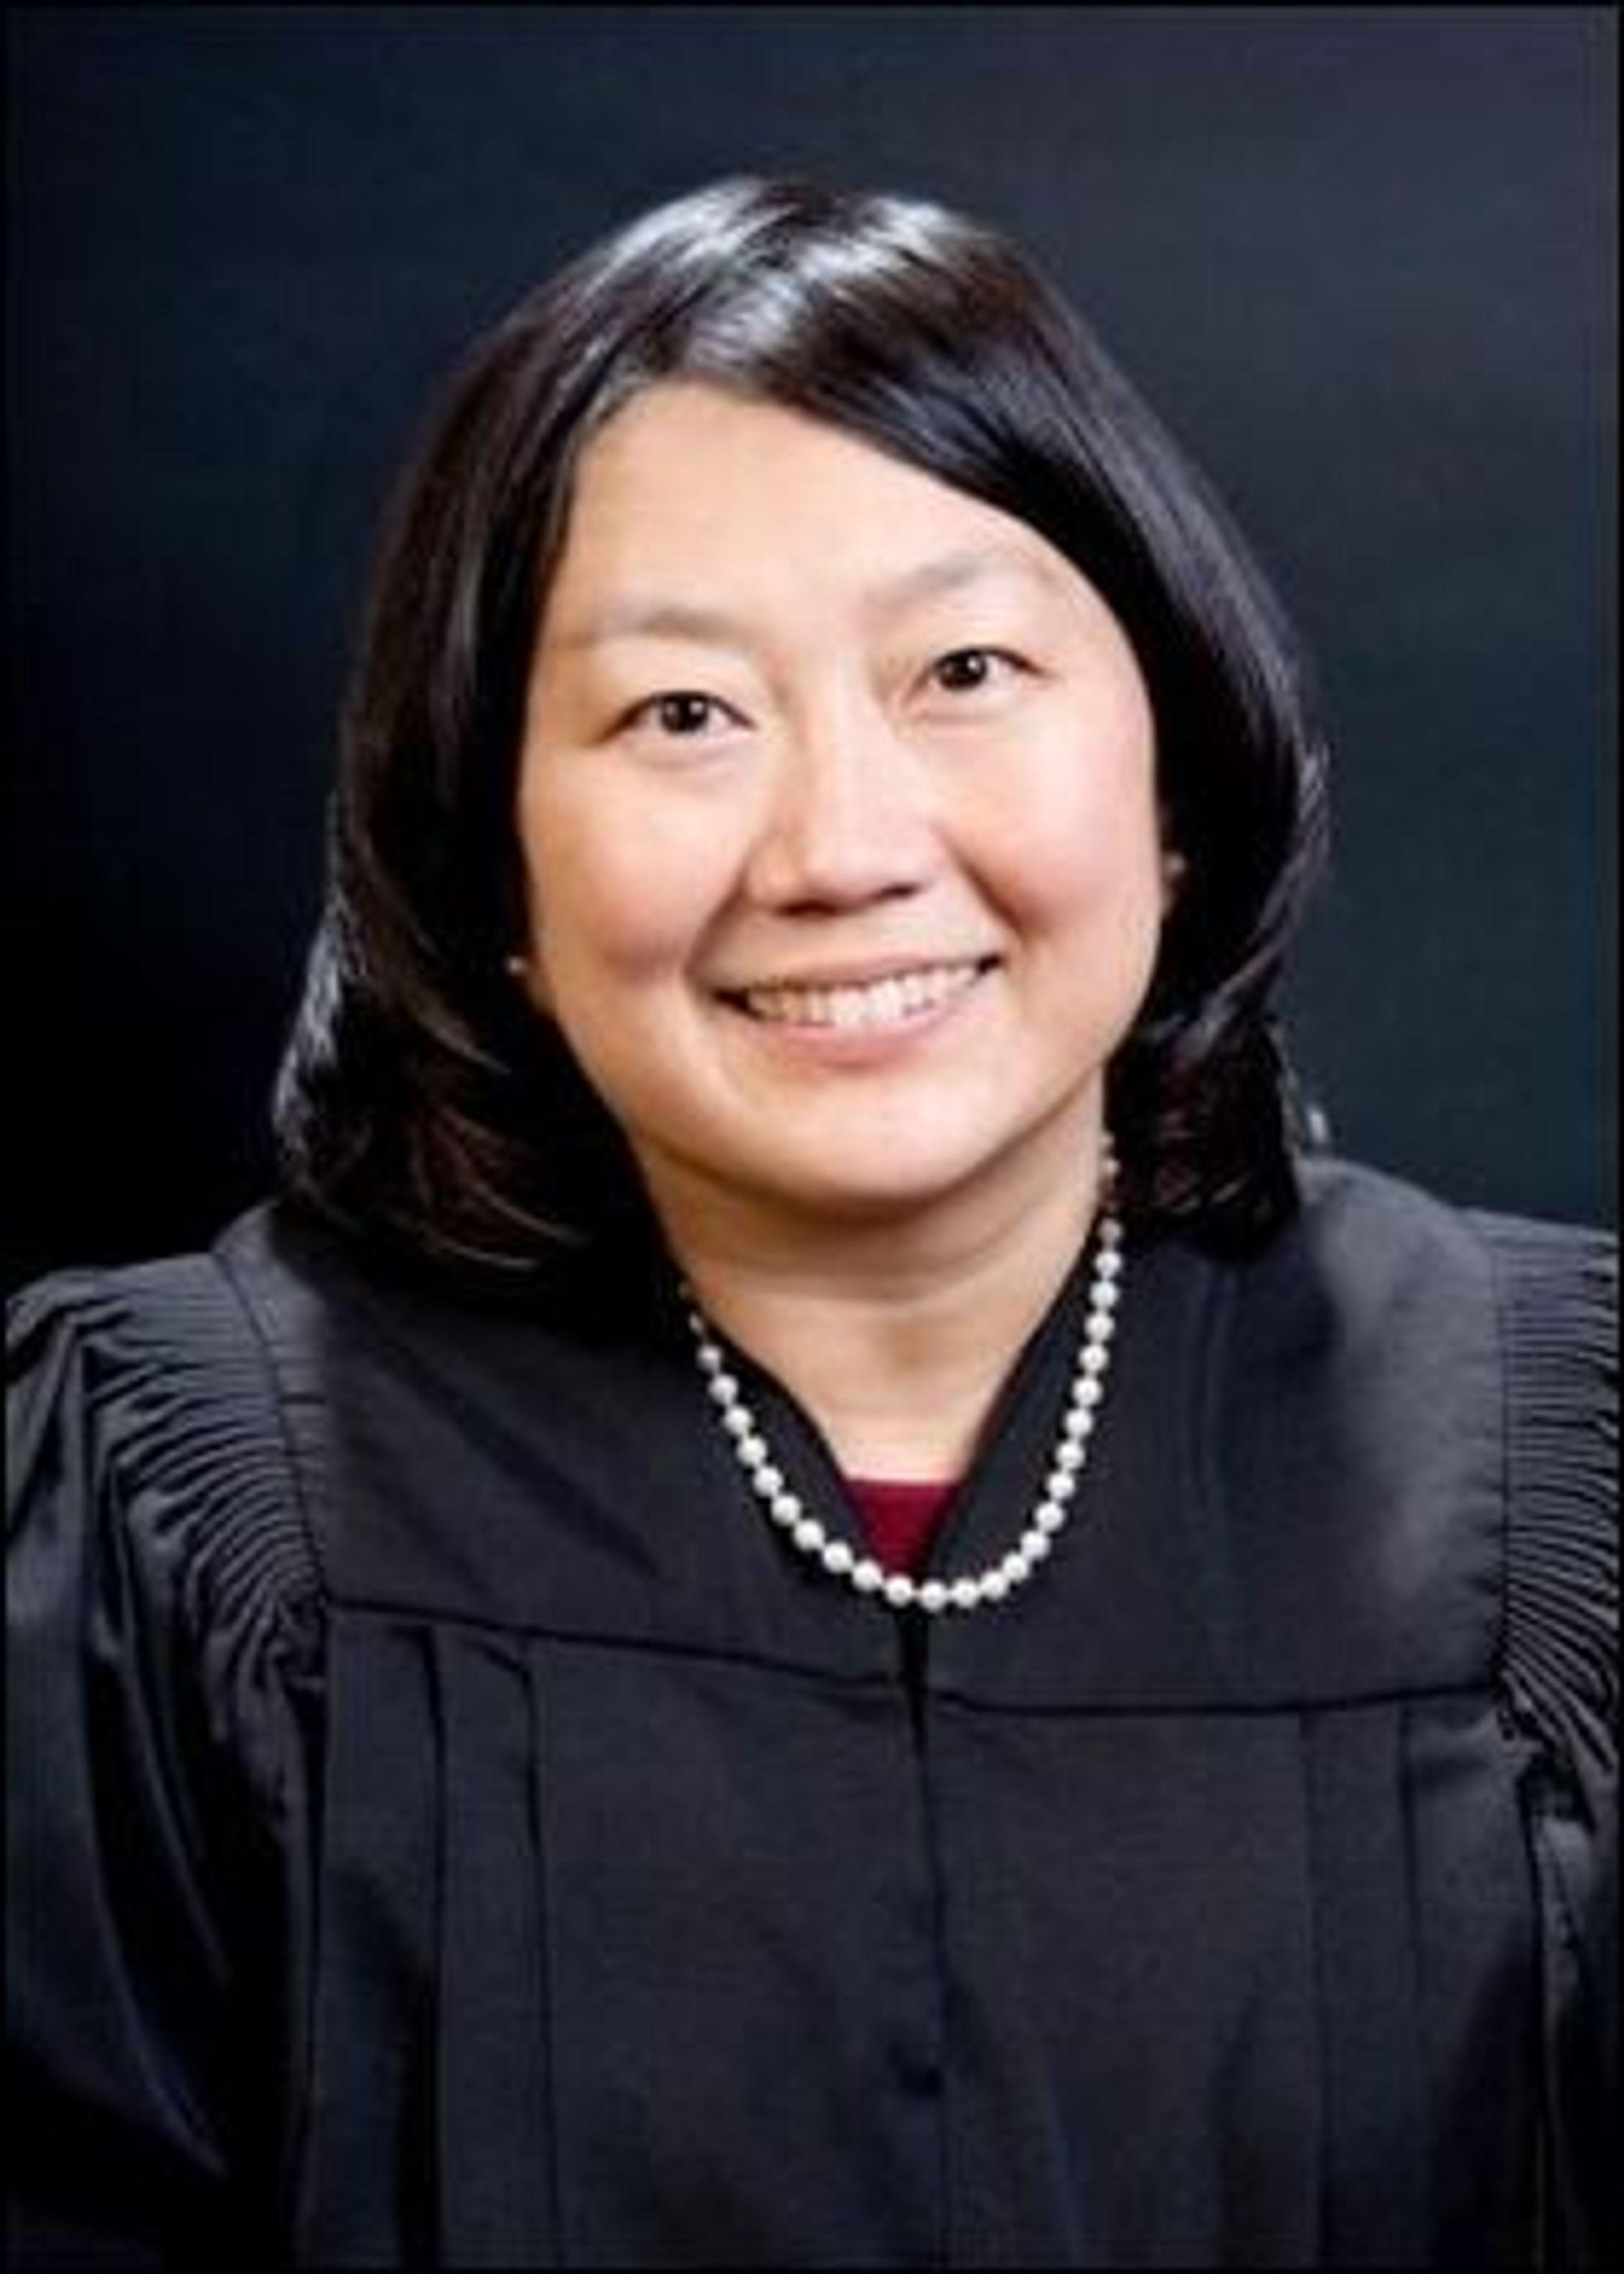 Distriktsdommer Lucy Koh vil trolig lede en rettssak om Googles skanning av e-post i Gmail.